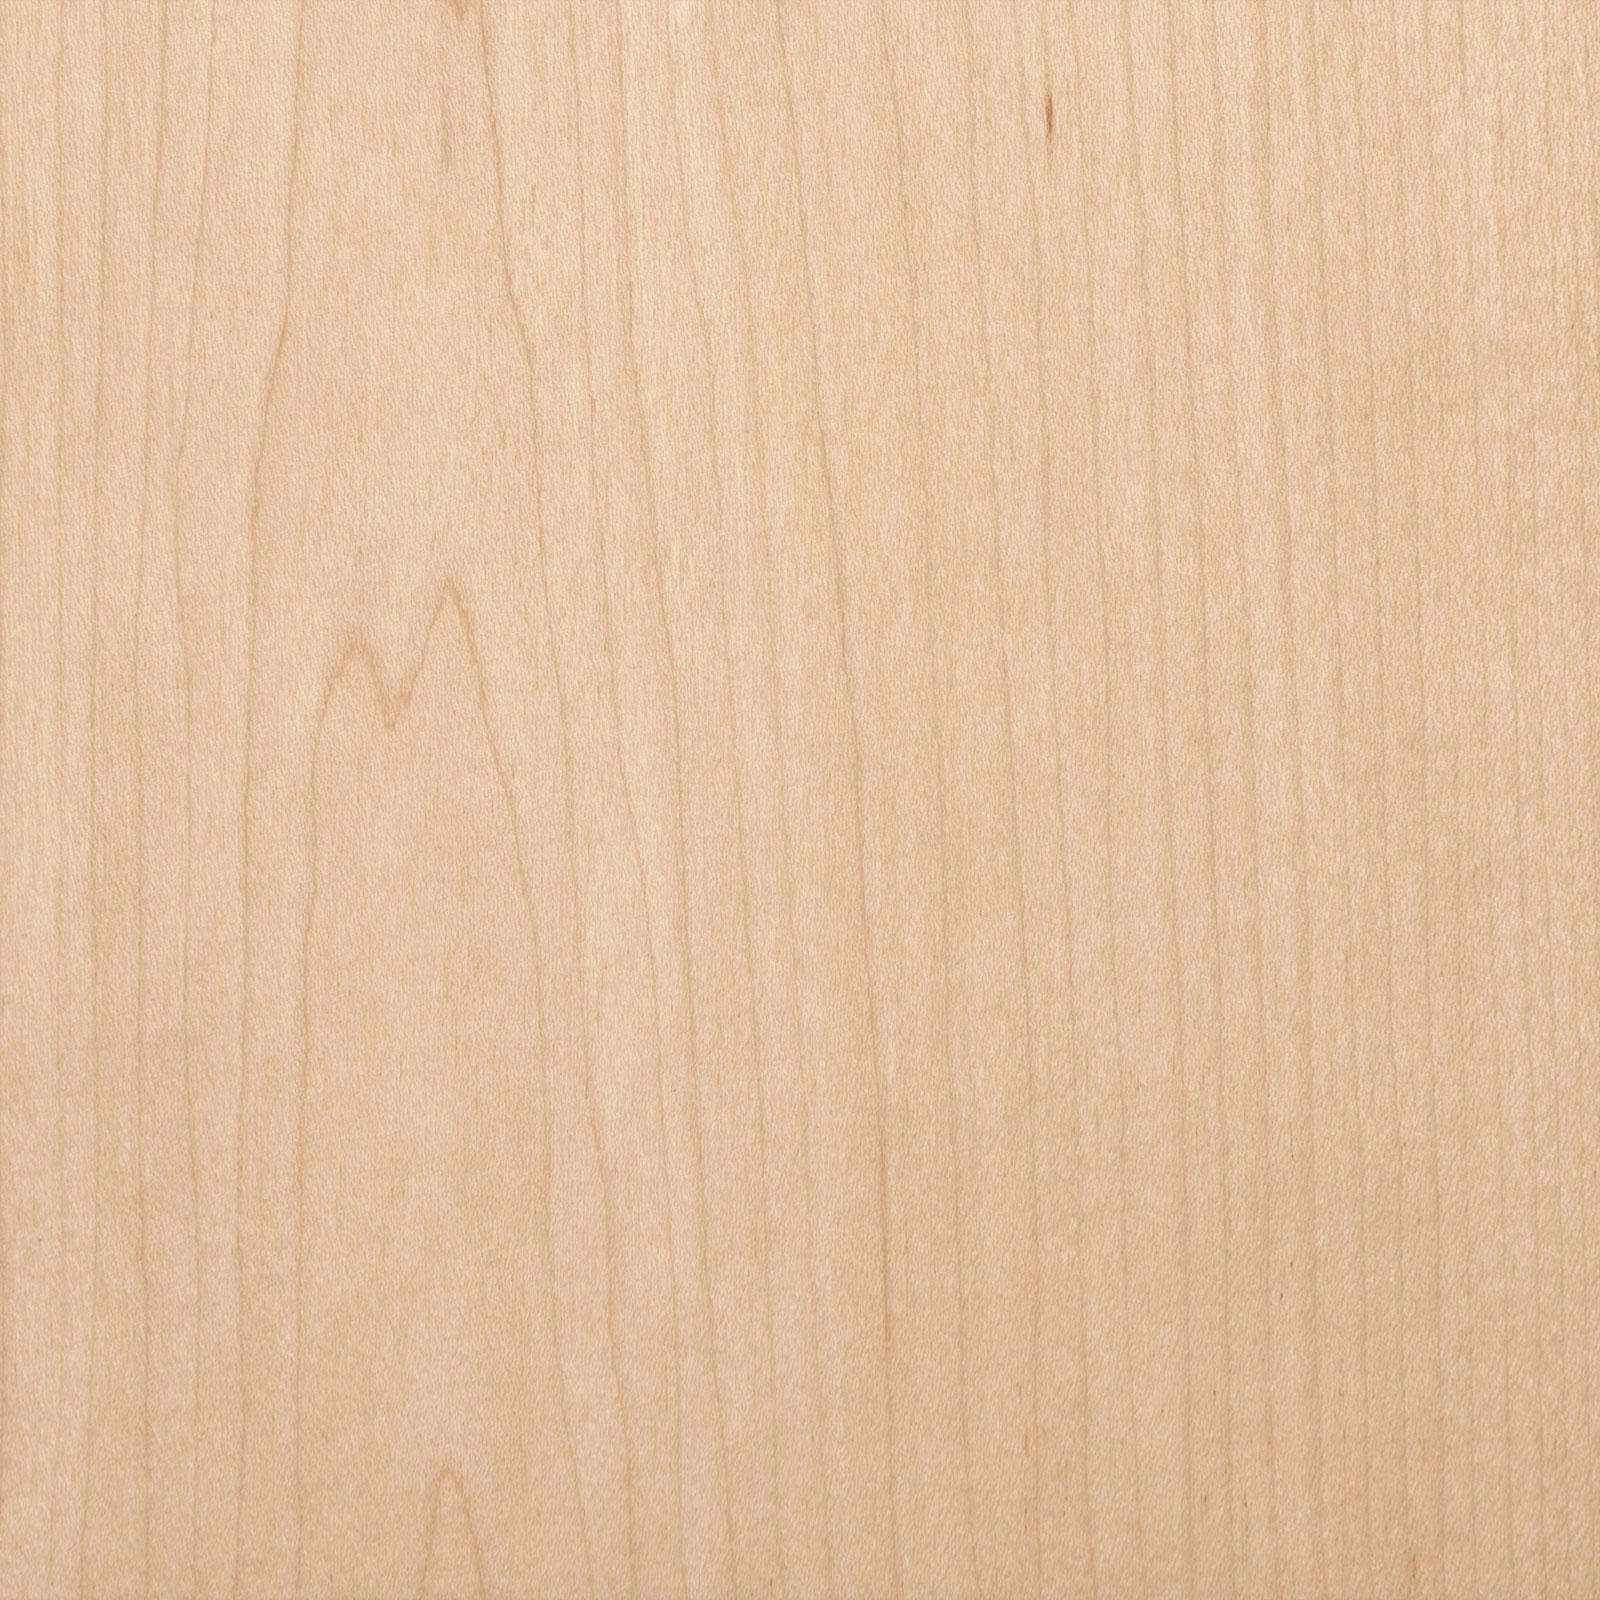 White maple trustile doors